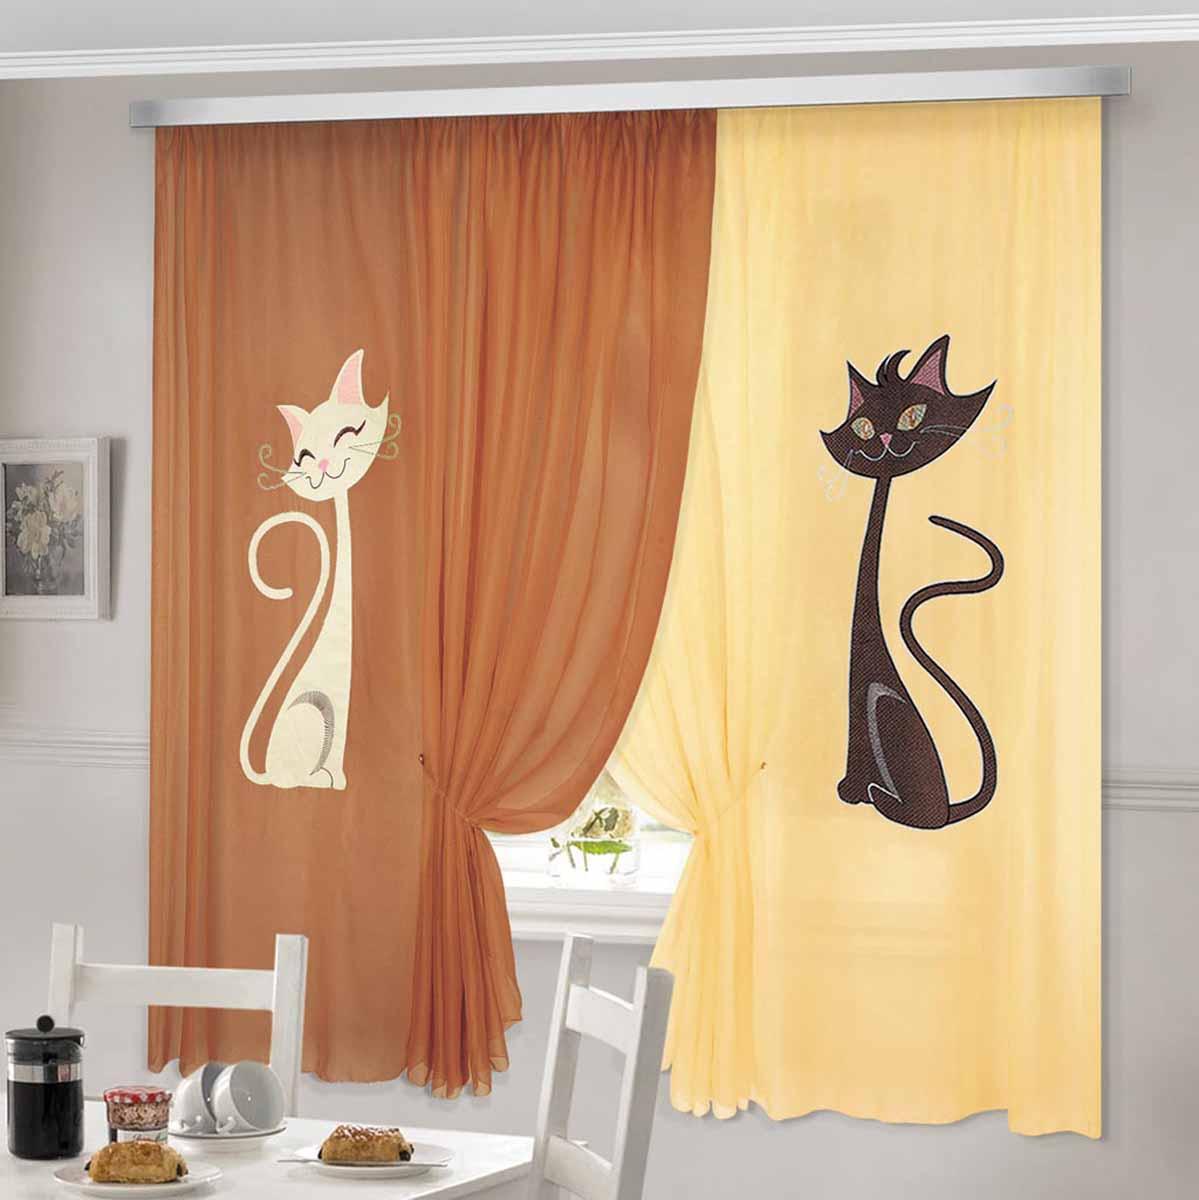 Комплект штор ТД Текстиль Кэти, на ленте, цвет: коричневый, желтый, высота 180 см92330Шторы ТД Текстиль Кэти выполнены из вуалевого полотна с аппликацией в виде кошек. Комплект штор станет отличным украшением вашего интерьера.Рекомендованная стирка при температуре не более 30-40 градусов. Размер: 180 х 480 см.